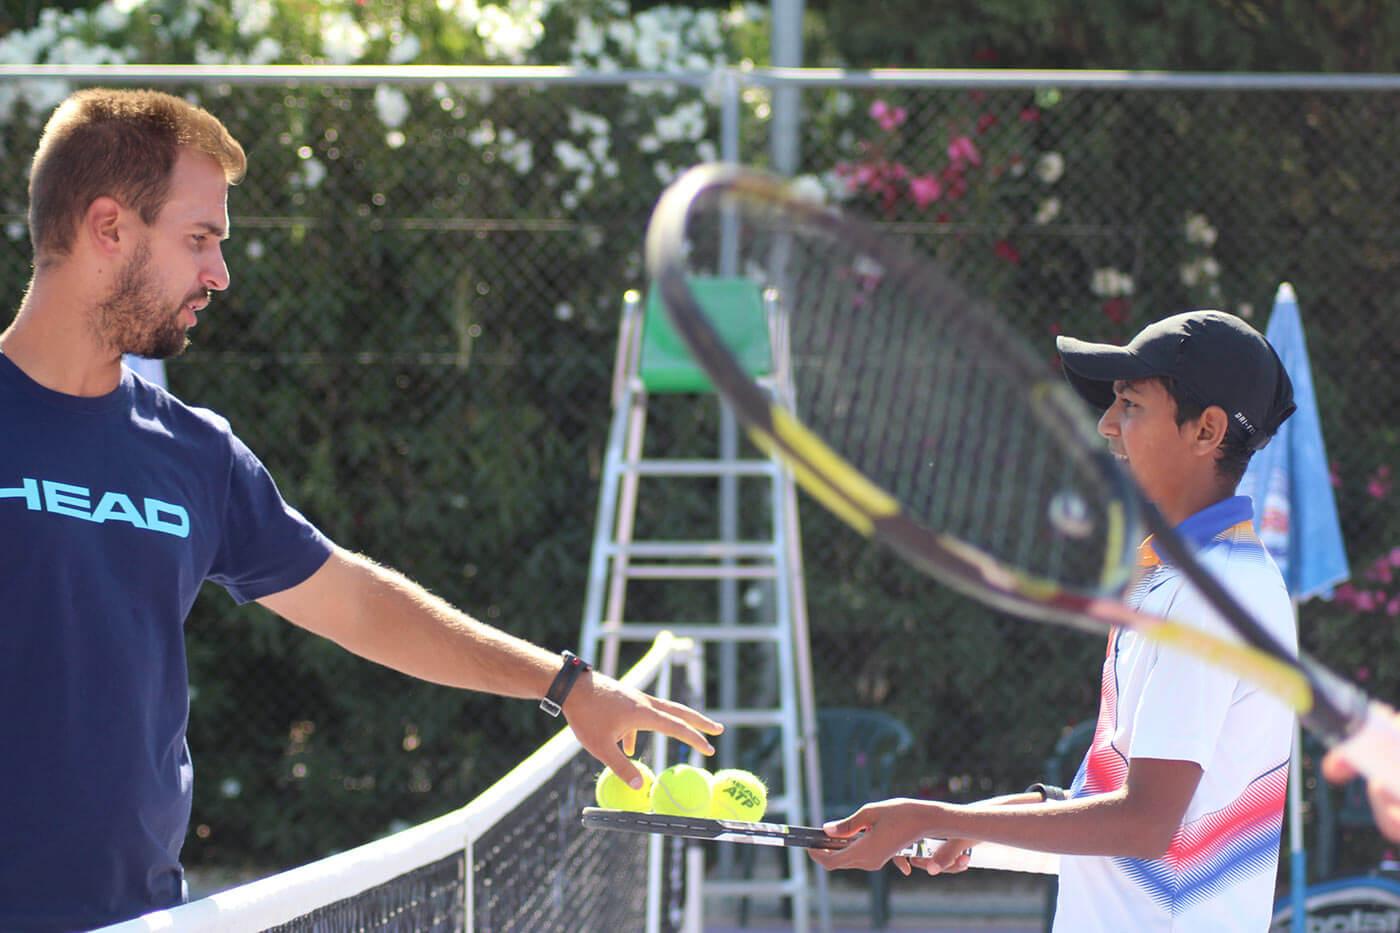 IMG 5885 - ¿Quieres saber cómo ser entrenador de tenis? – ¡Te explicamos cómo conseguirlo!